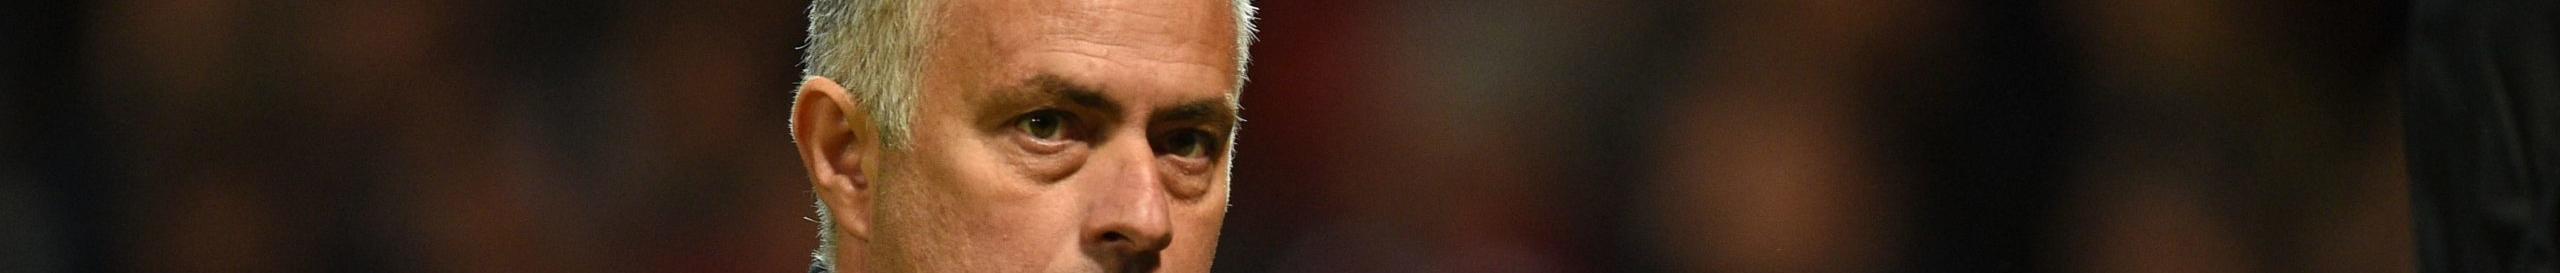 West Ham-Tottenham, Mourinho vuole presentarsi con una vittoria nel derby